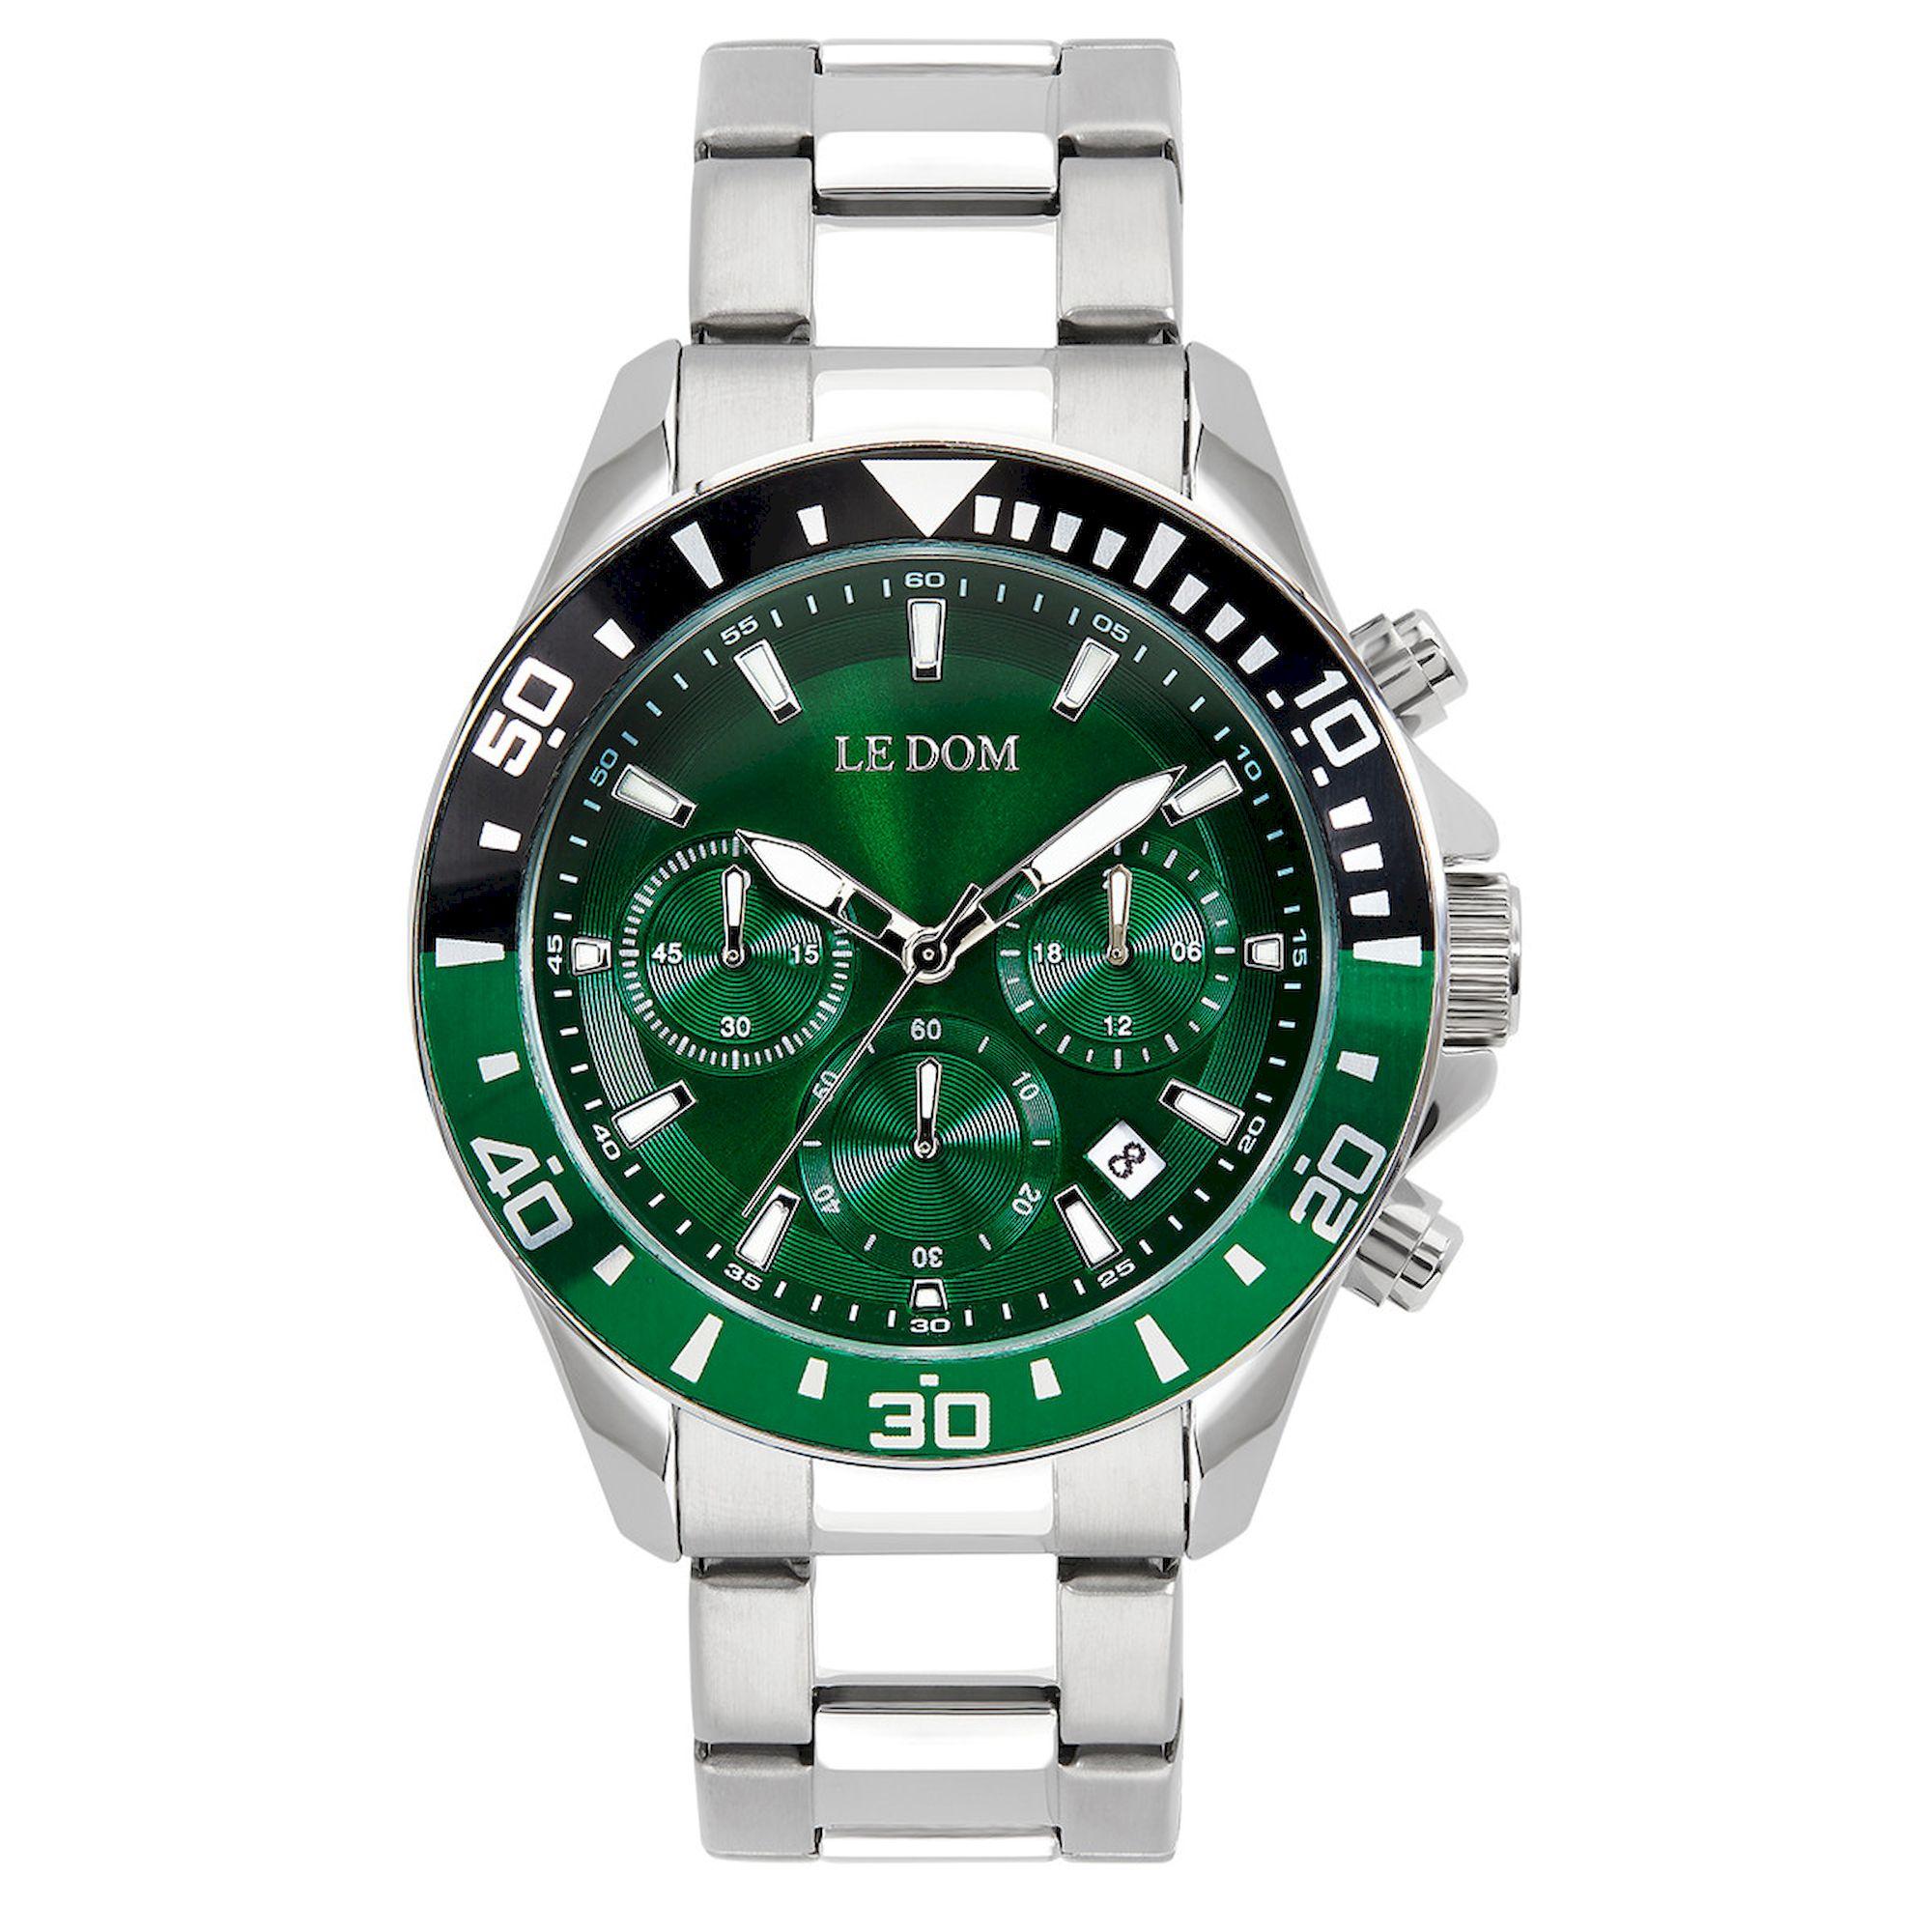 Le Dom Eternal με Πράσινο Καντράν ld1481-3, le dom, ανδρικό ρολόι, ρολόγια, Δωρεάν έξοδα αποστολής, Άμεση ΔΙαθεσιμότητα, Le Dom Ρολόγια